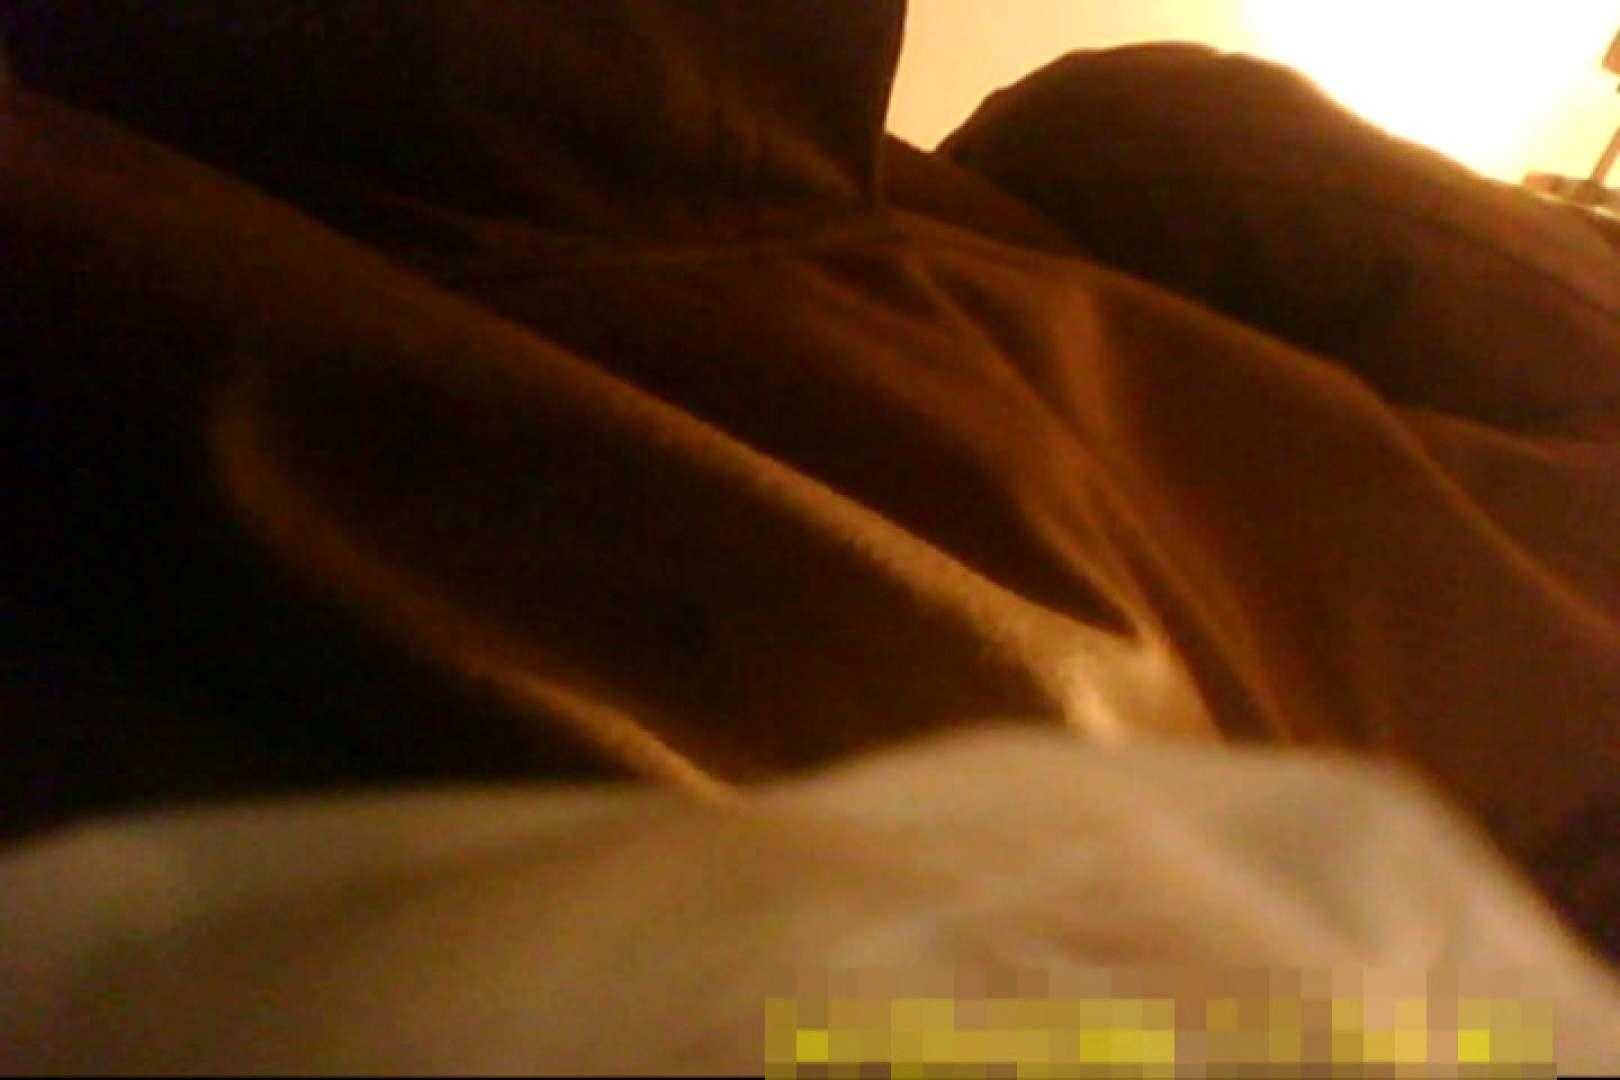 魅惑の化粧室~禁断のプライベート空間~vol.8 プライベート流出 性交動画流出 84pic 67